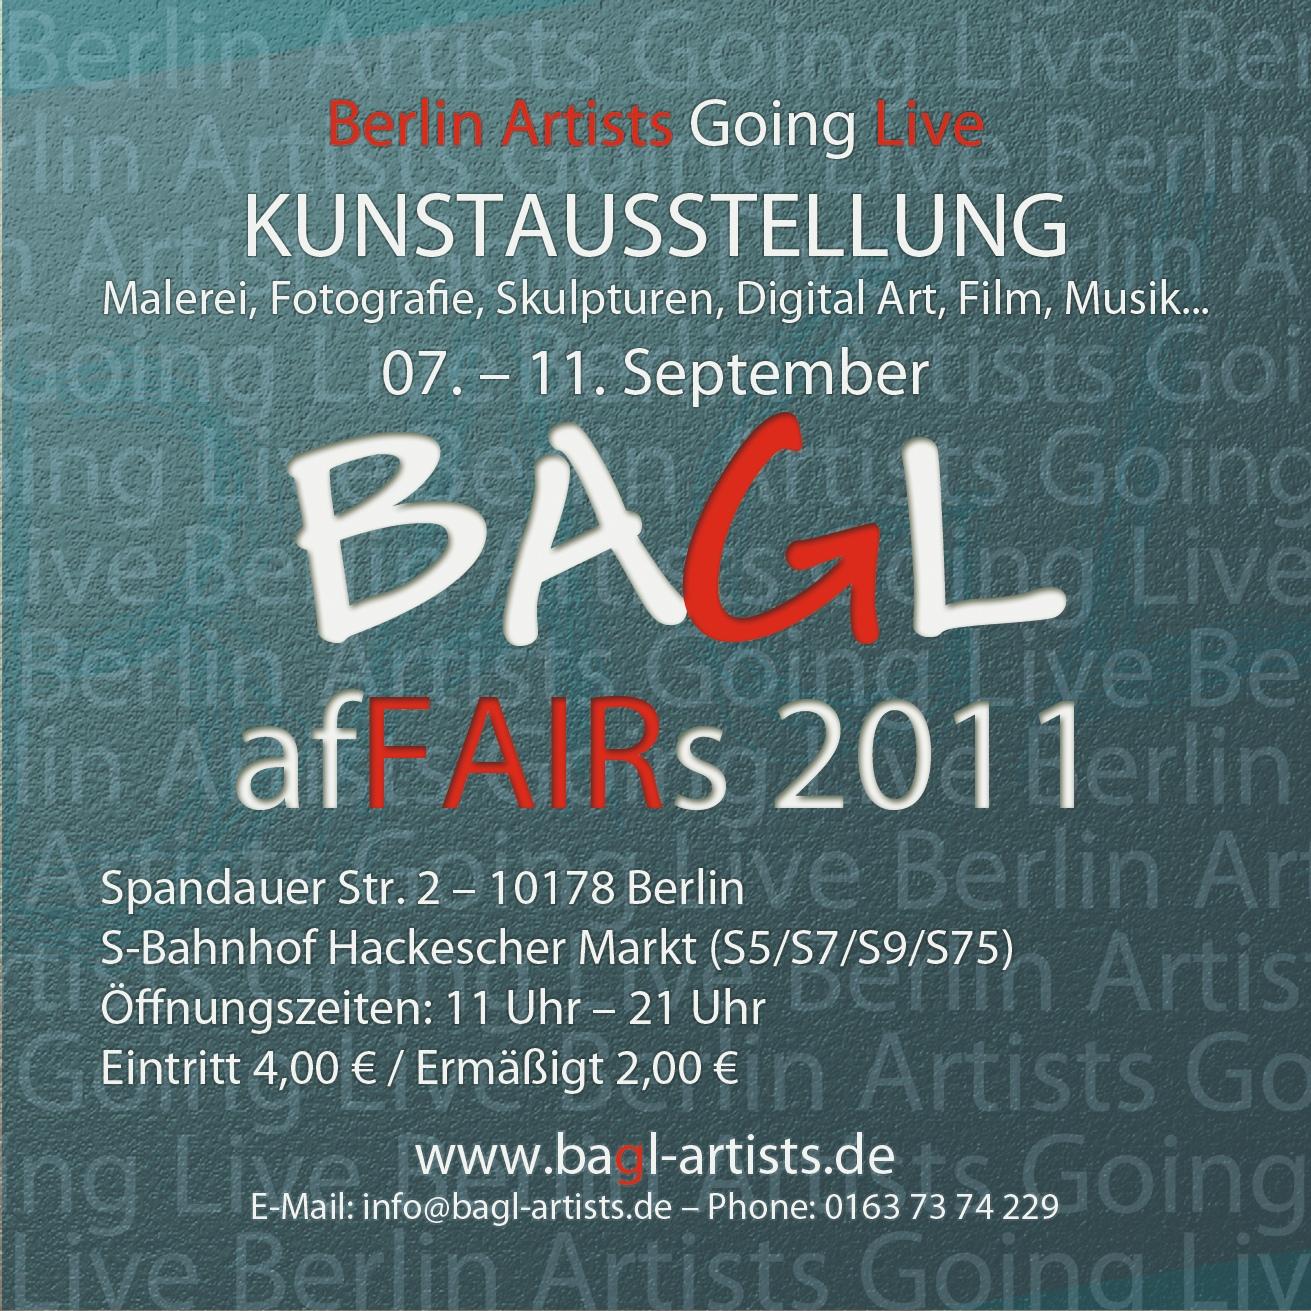 Hotel Infos & Hotel News @ Hotel-Info-24/7.de | Sylvesterparty